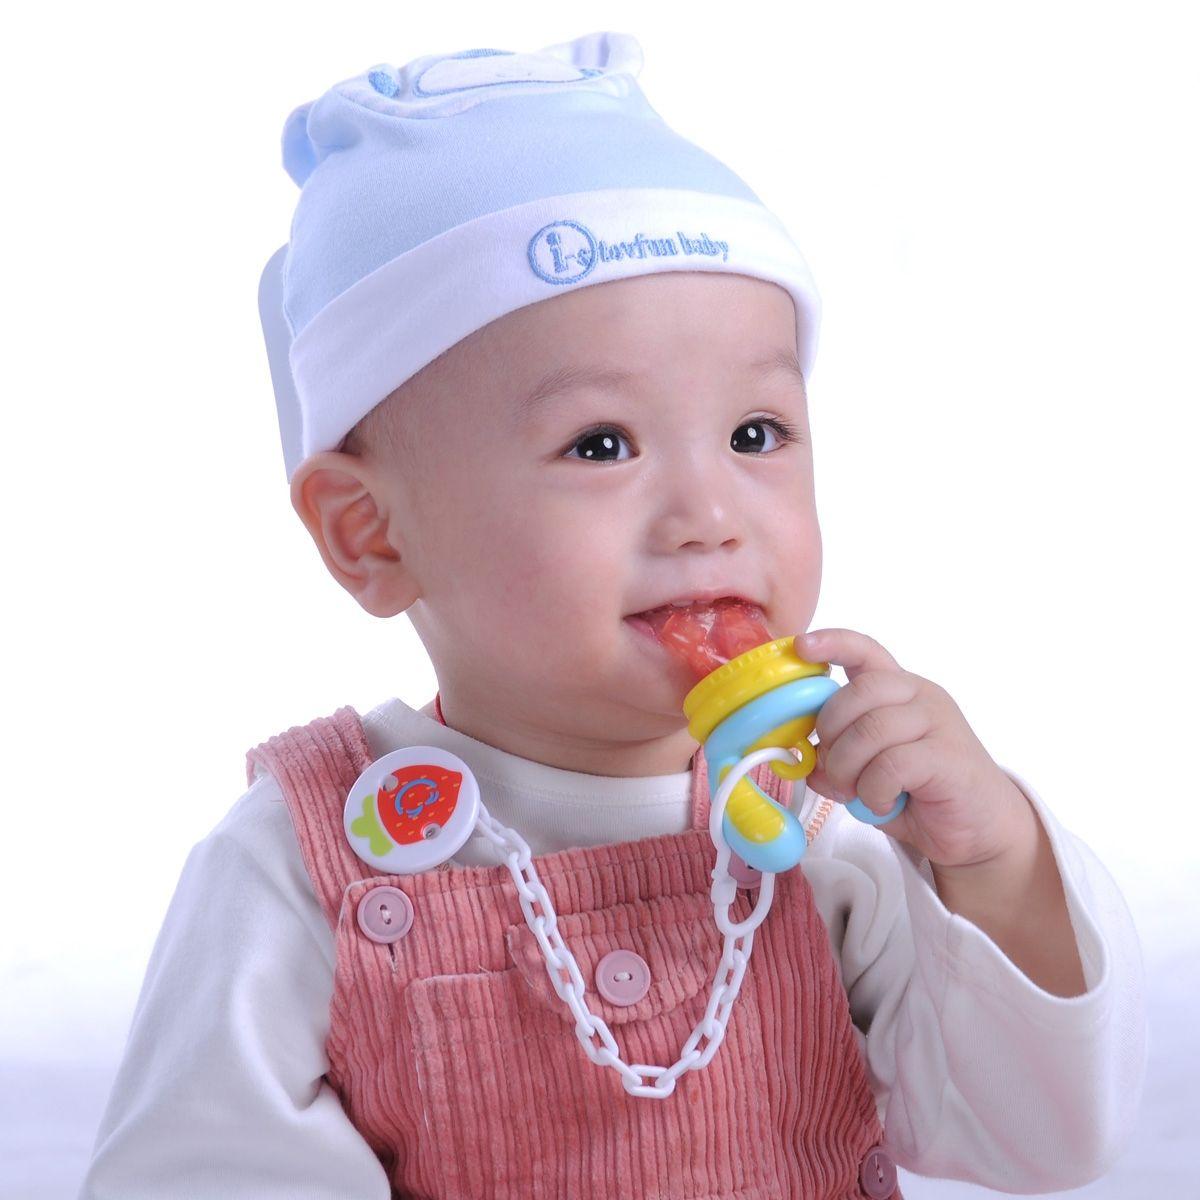 Bộ túi nhai chống hóc Kidsme được chế tạo đầu nhai bằng Silicone cao cấp, mềm mại và đàn hồi tốt cho bé cảm giác thoải mái khi mút ngậm